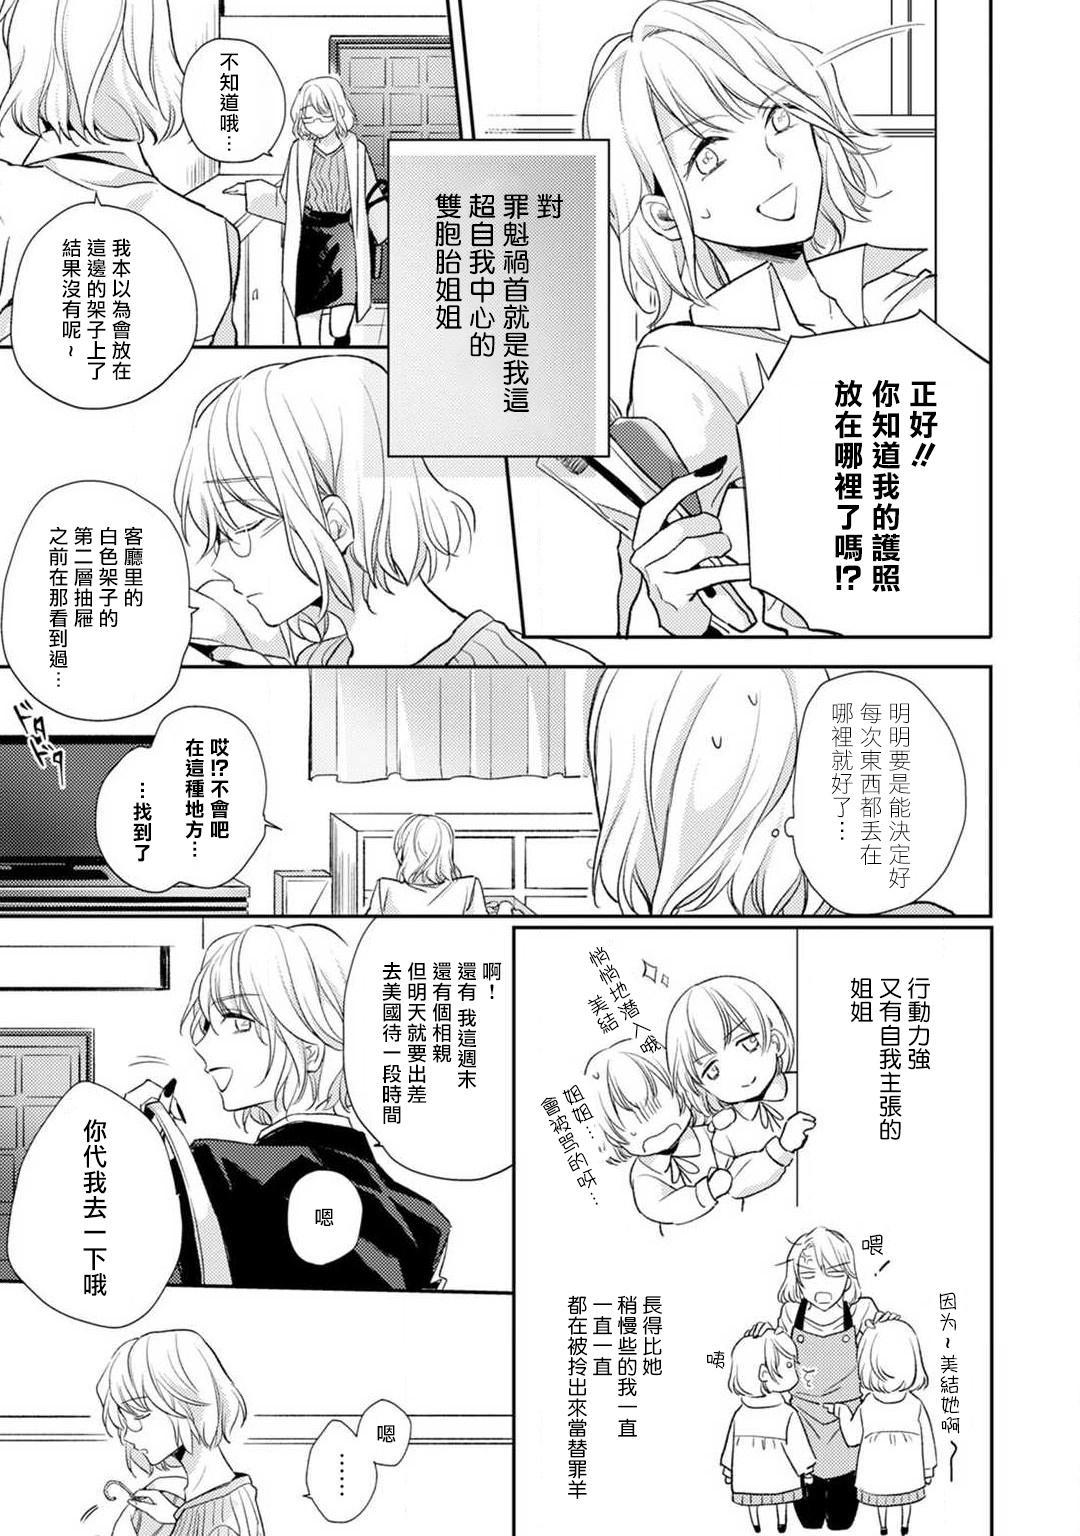 [Shichigatsu Motomi]  Sonna Kao shite, Sasotteru? ~Dekiai Shachou to Migawari Omiaikekkon!?~ 1-11  這種表情,在誘惑我嗎?~溺愛社長和替身相親結婚!? [Chinese] [拾荒者汉化组] 5